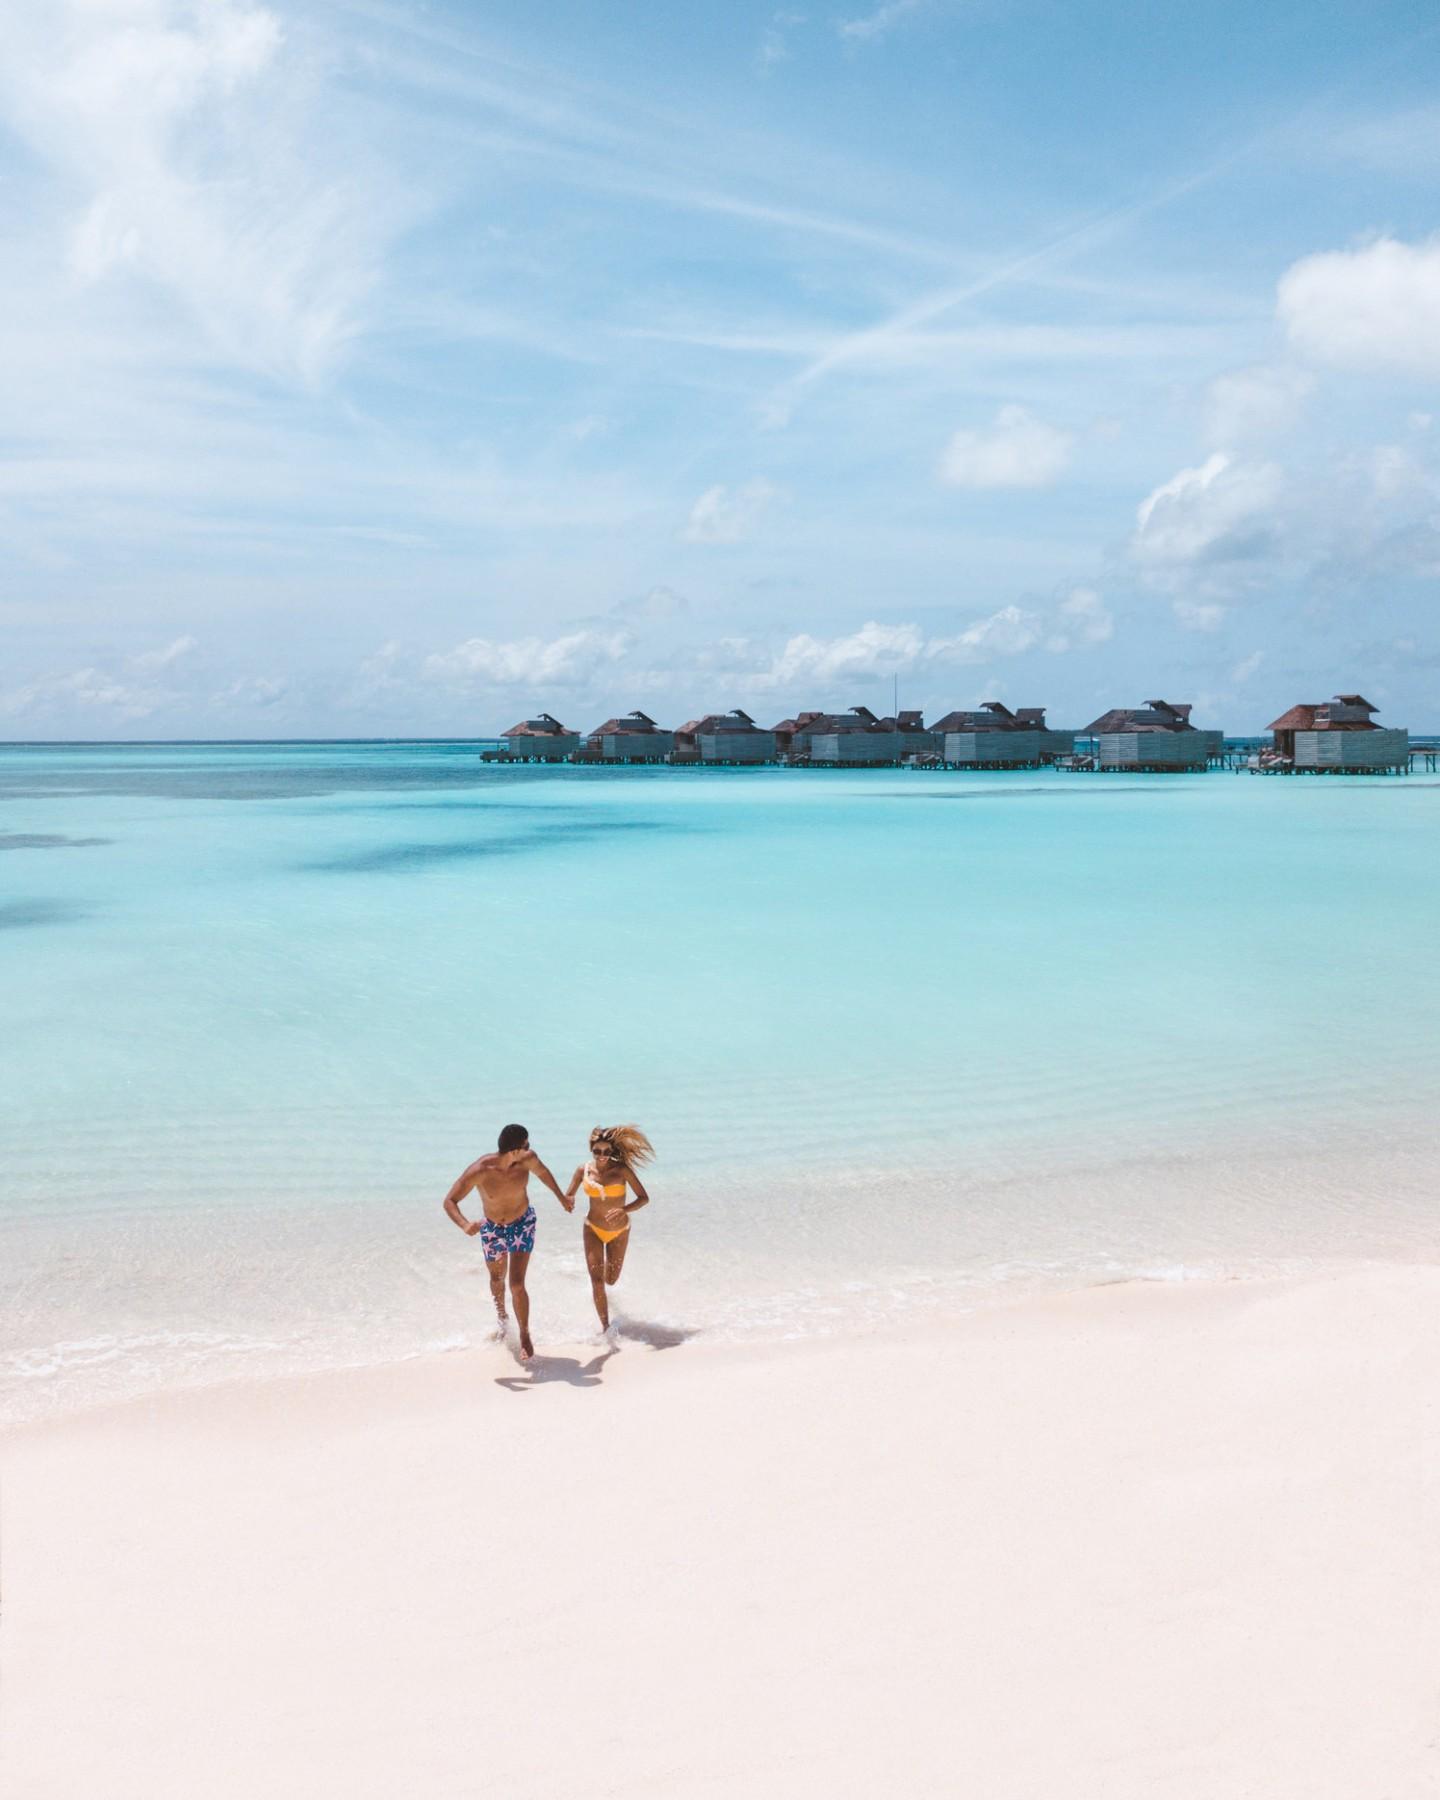 Six Senses Laamu Maldives:  Epitome of Barefoot Luxury & Family Friendly Paradise